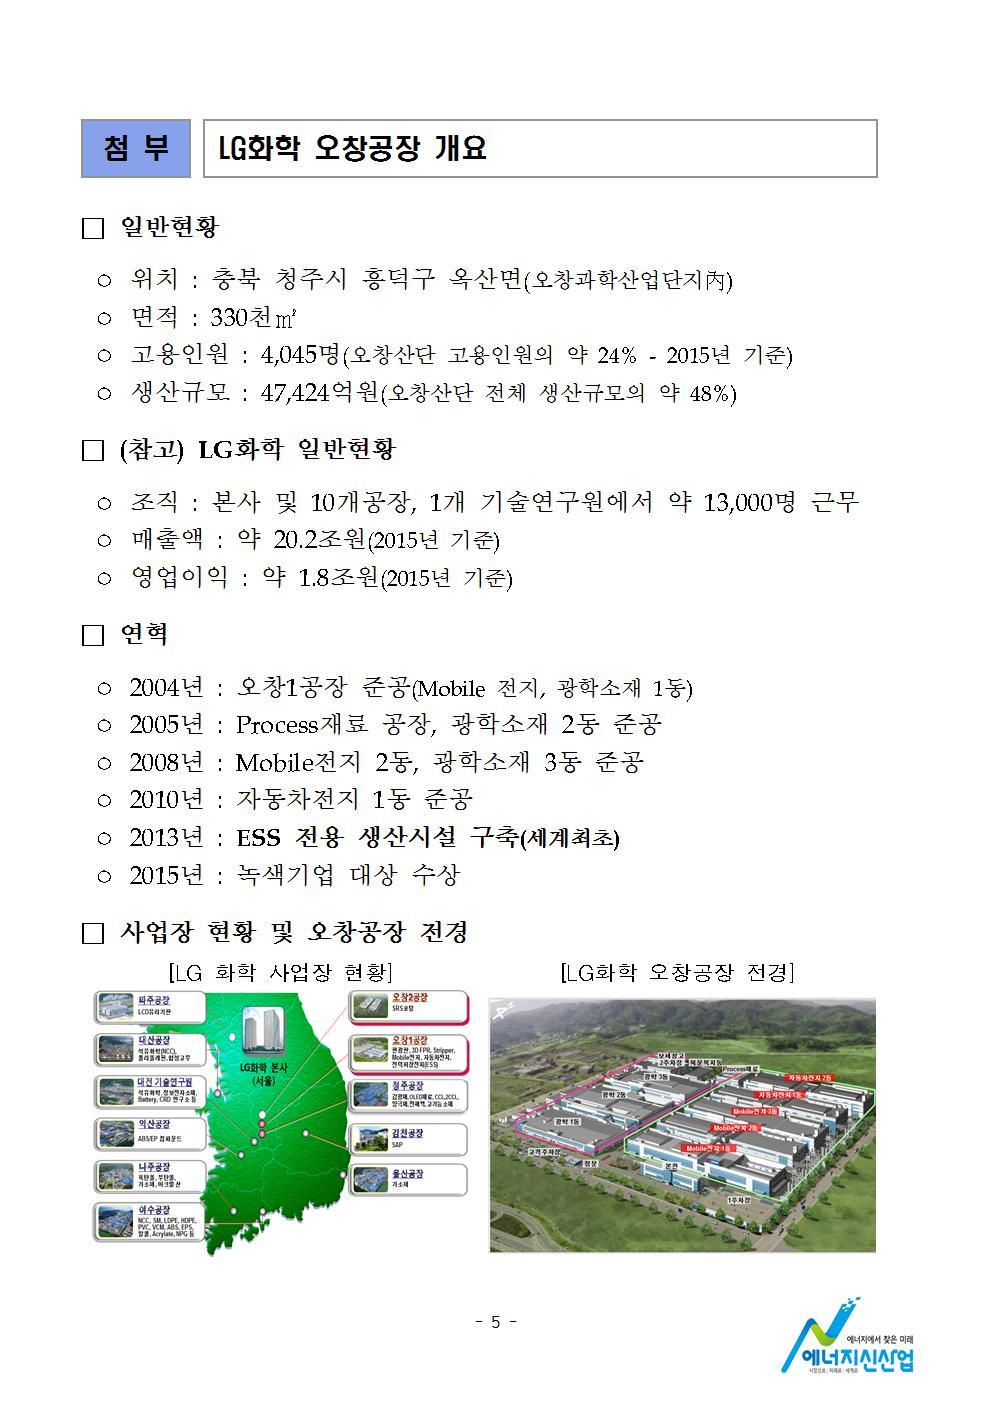 160420 (21일석간) 에너지신산업정책과, 에너지신산업 현장방문.hwp005.jpg